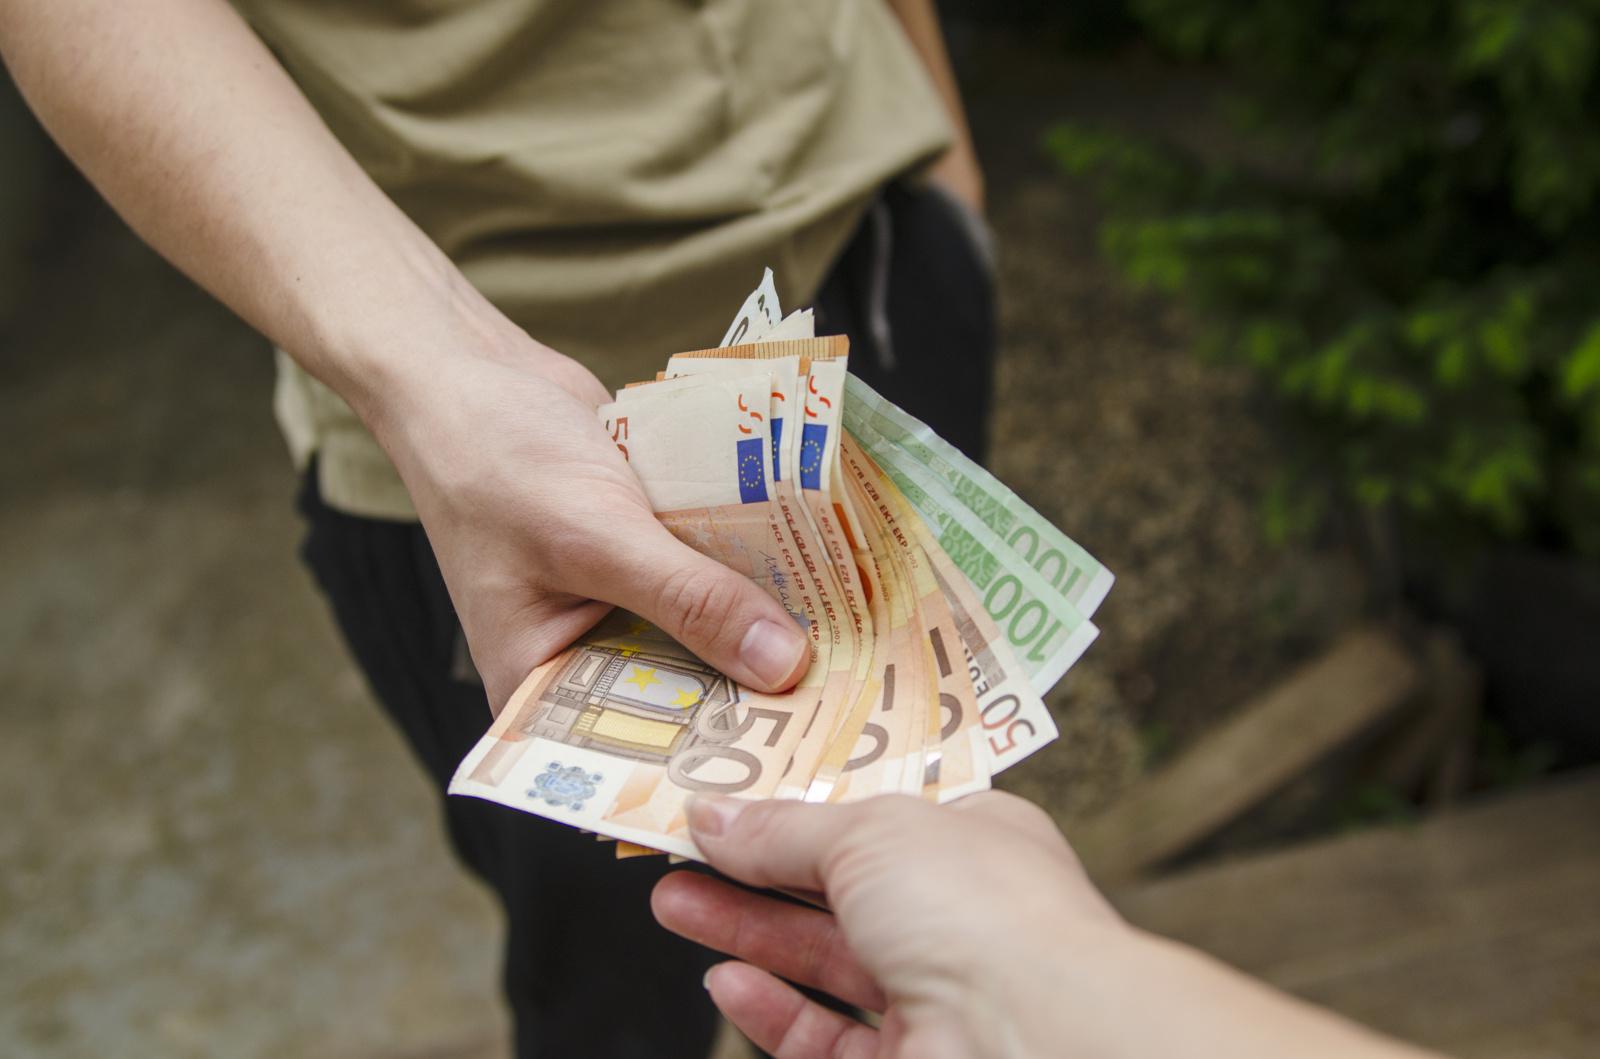 Lietuvių skolinimosi tendencijos skiriasi, priklausomai nuo sezono